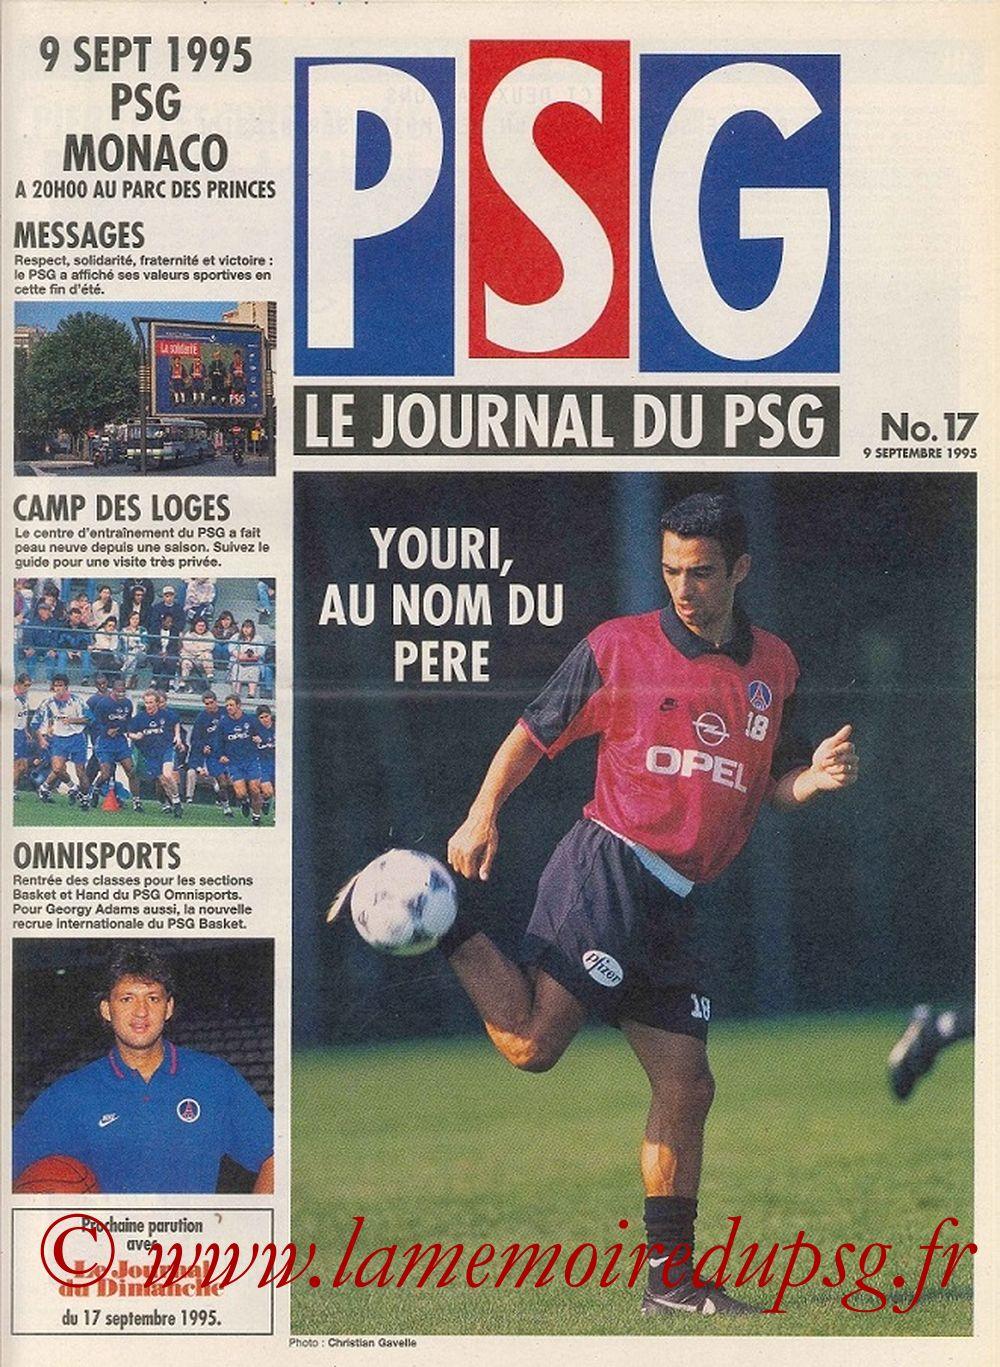 1995-09-09  PSG-Monaco (8ème D1, Le journal du PSG N°17)